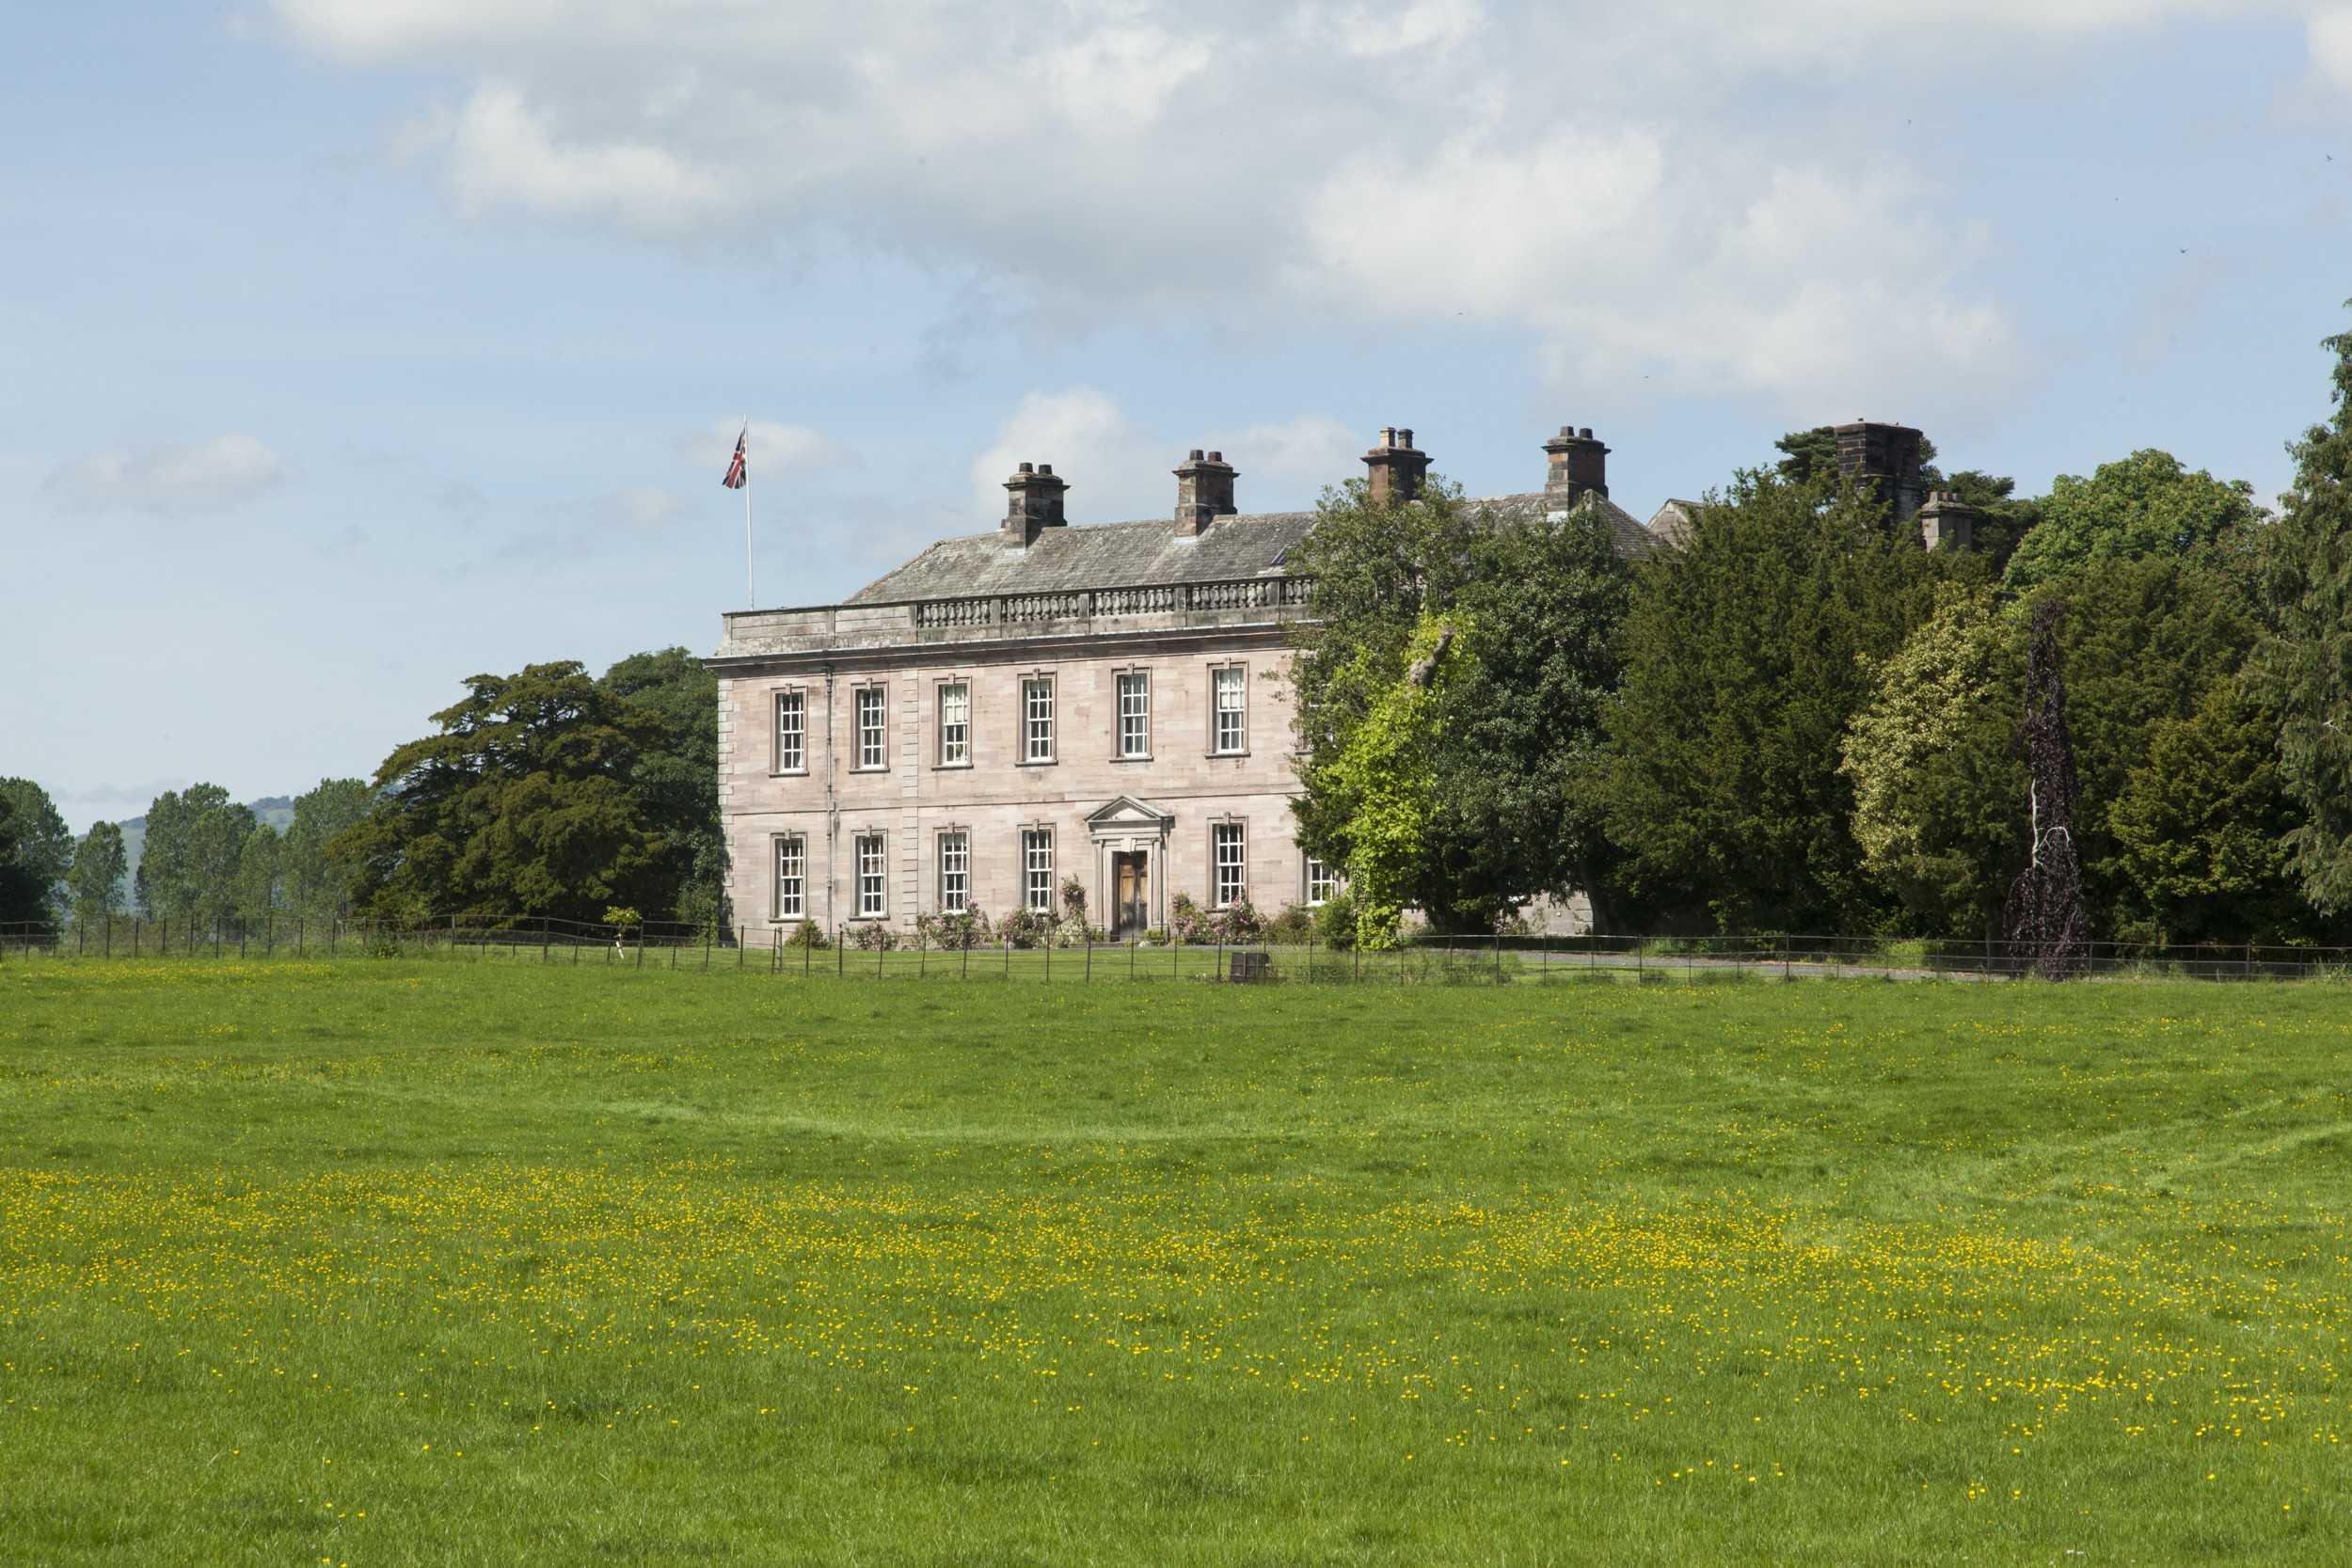 Gregynog Hall Gardens, Powys, Wales